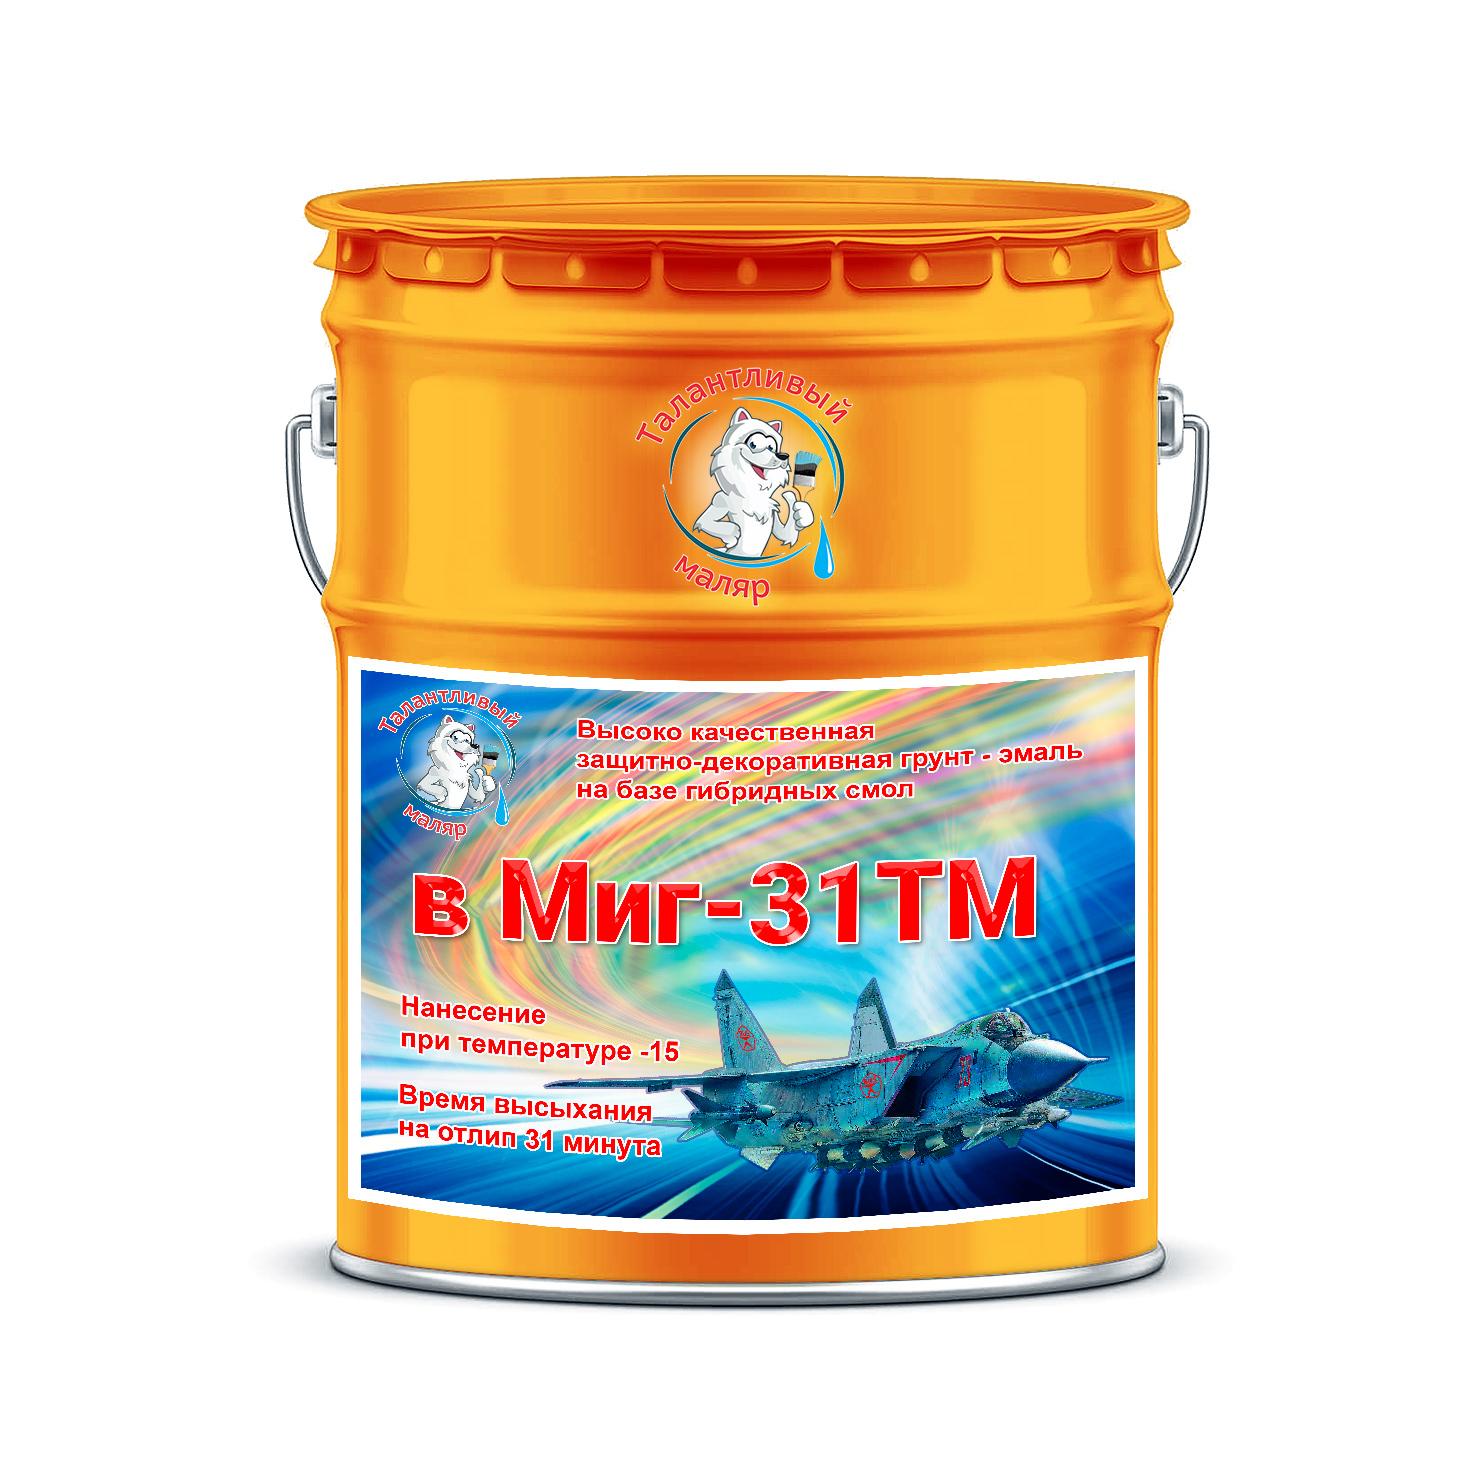 """Фото 11 - Грунт-Эмаль Премиум  """"ВМИГ - 31 ТМ"""" цвет RAL 1028 Жёлтая дяня, полуглянцевая, быстросохнущая, морозостойкая, на базе гибридных смол, по ржавчине 3 в 1, 20 кг """"Талантливый Маляр""""."""